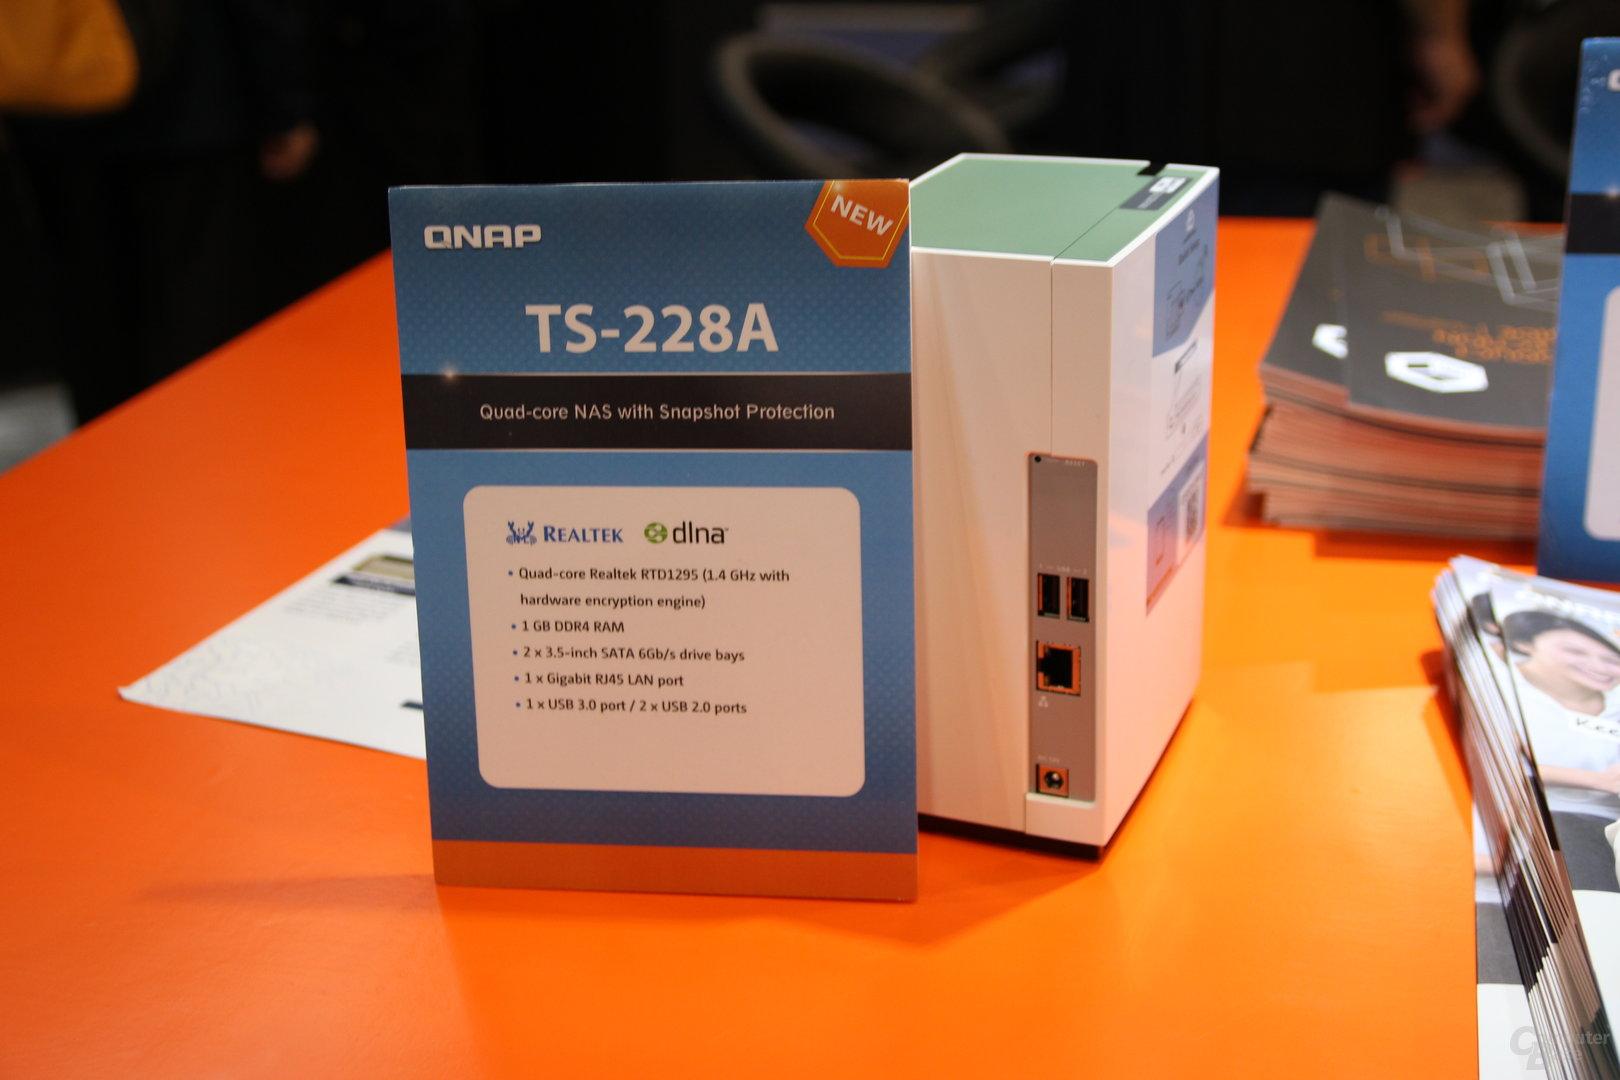 QNAP TS-228A